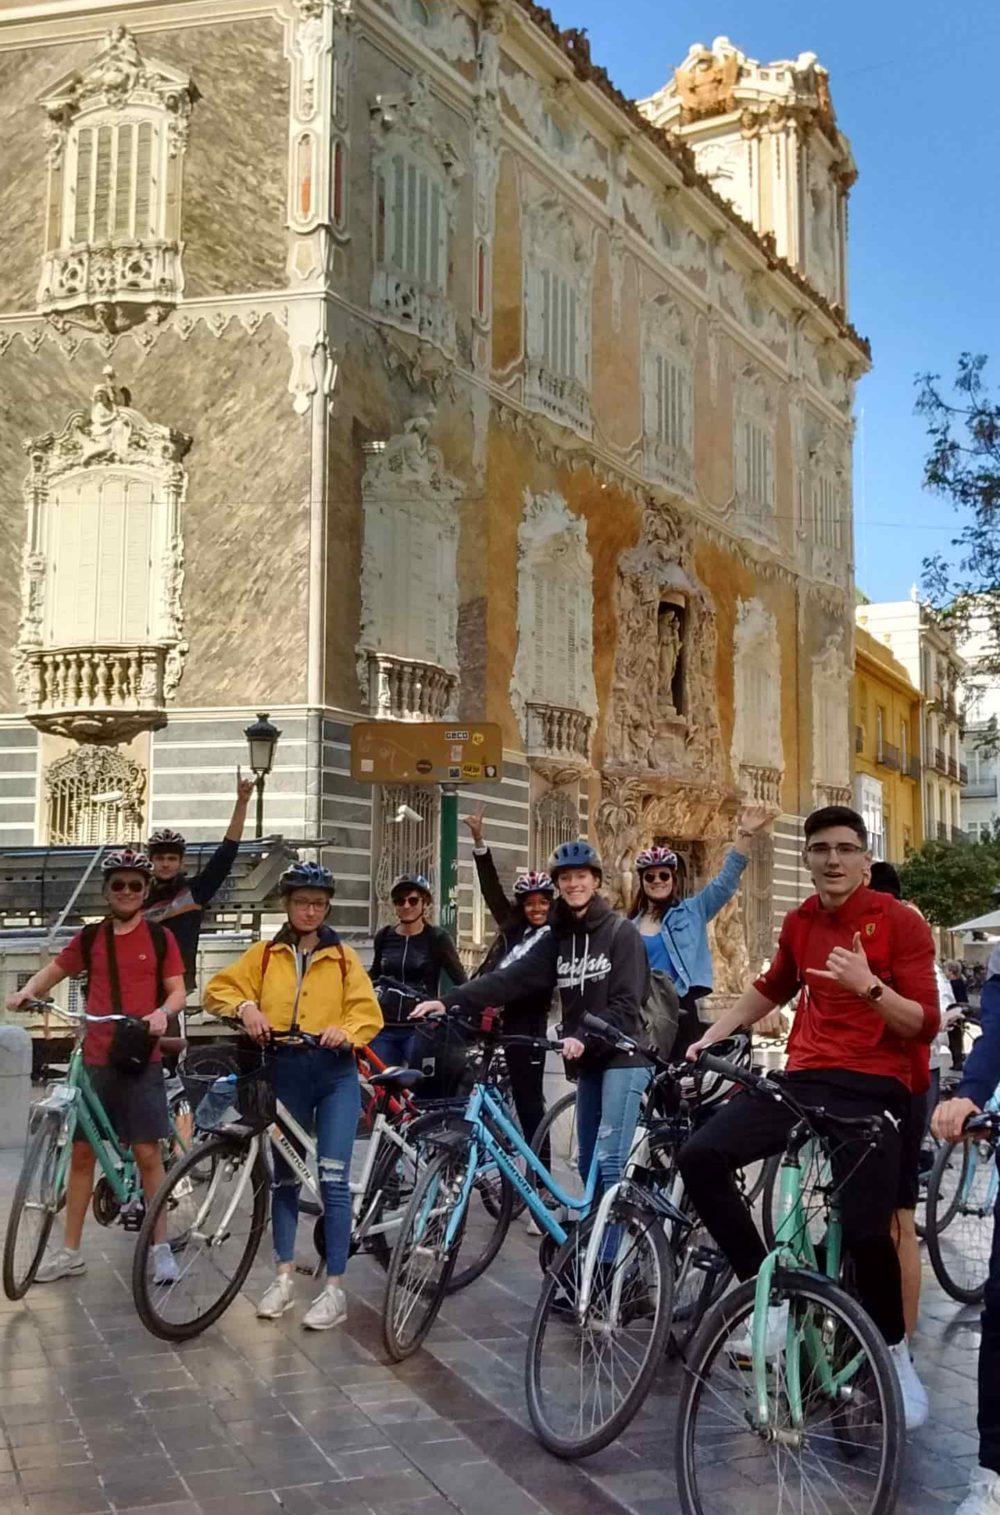 Bike tour valencia, Tour bicicleta Valencia, ruta bicicleta valencia, tour segway valencia, fahrradtourvalencia